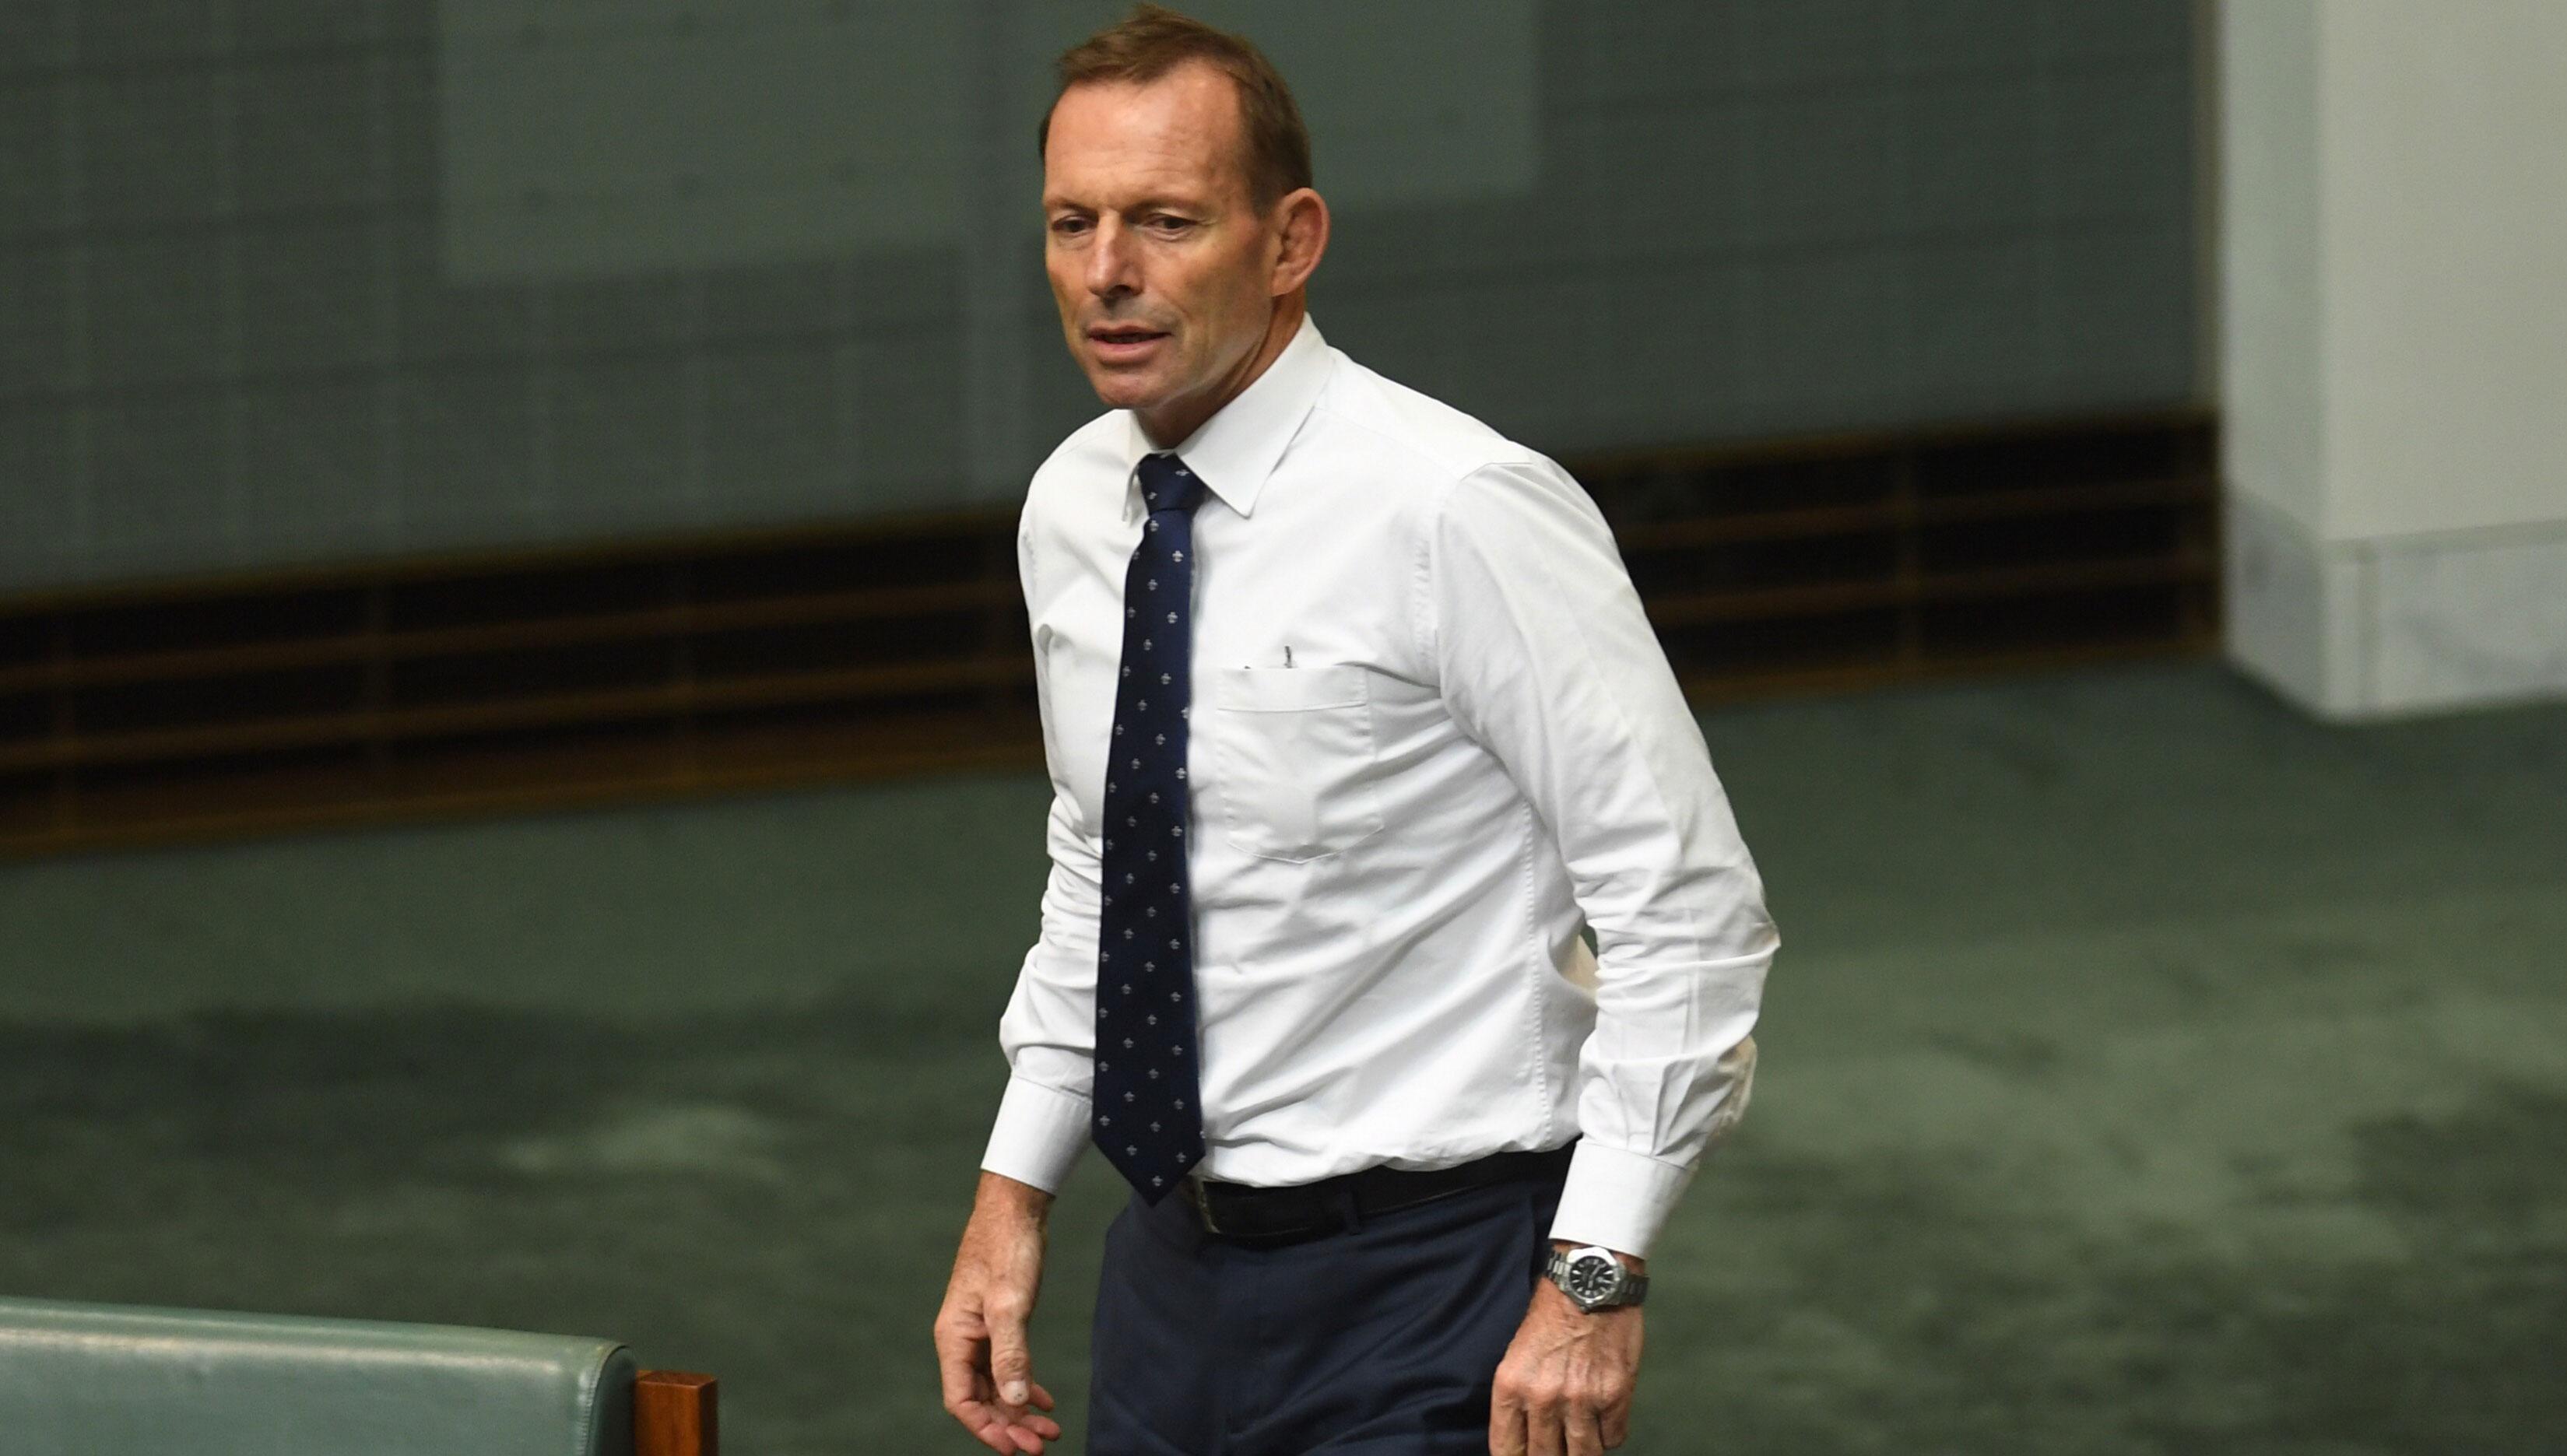 Former Prime Minister Tony Abbott. (AAP)